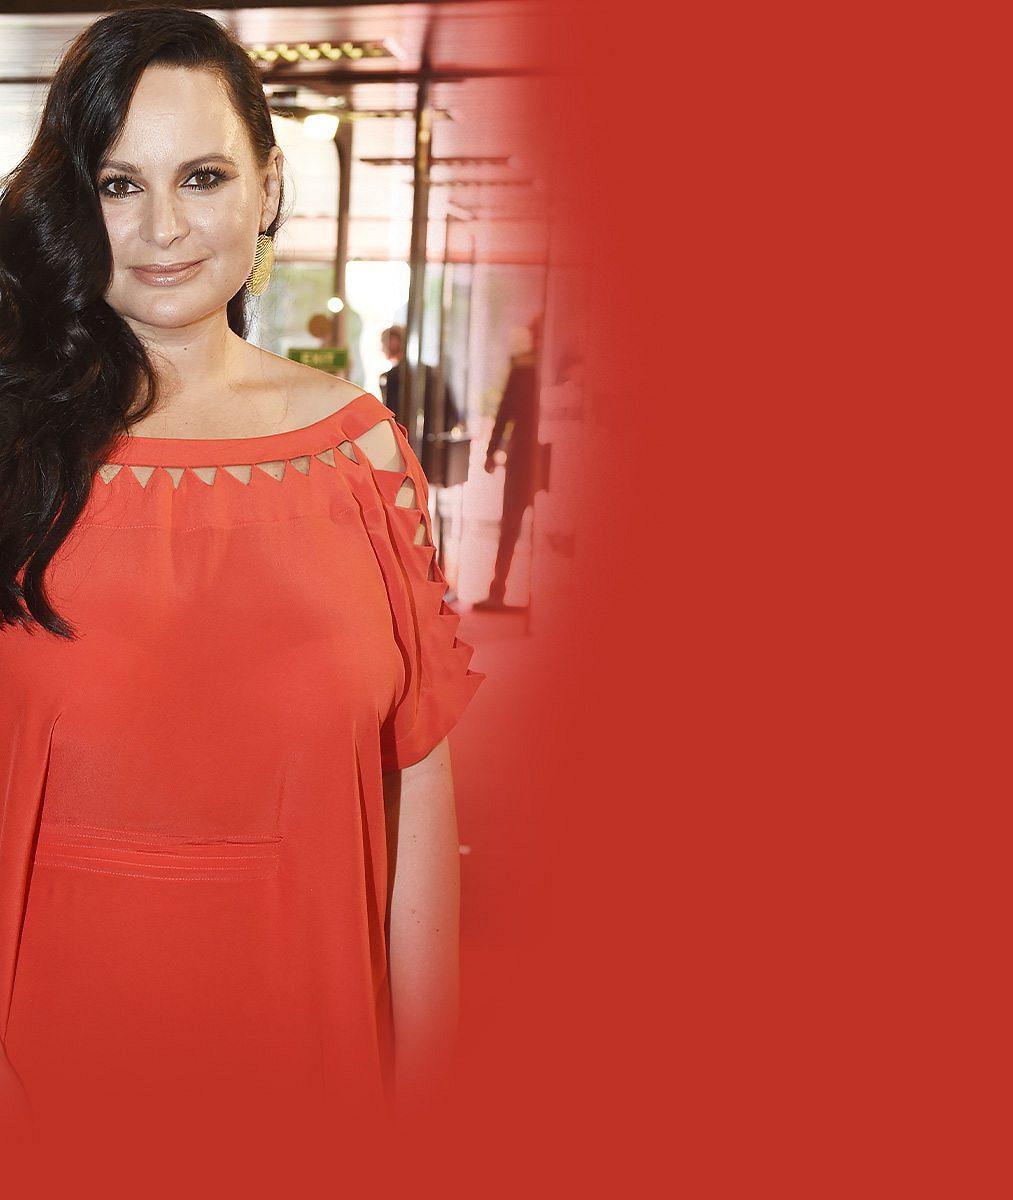 Tato neskutečná proměna se jí vyplatila: Čvančarová odrovnala porotu astala se absolutní vítězkou Tváře